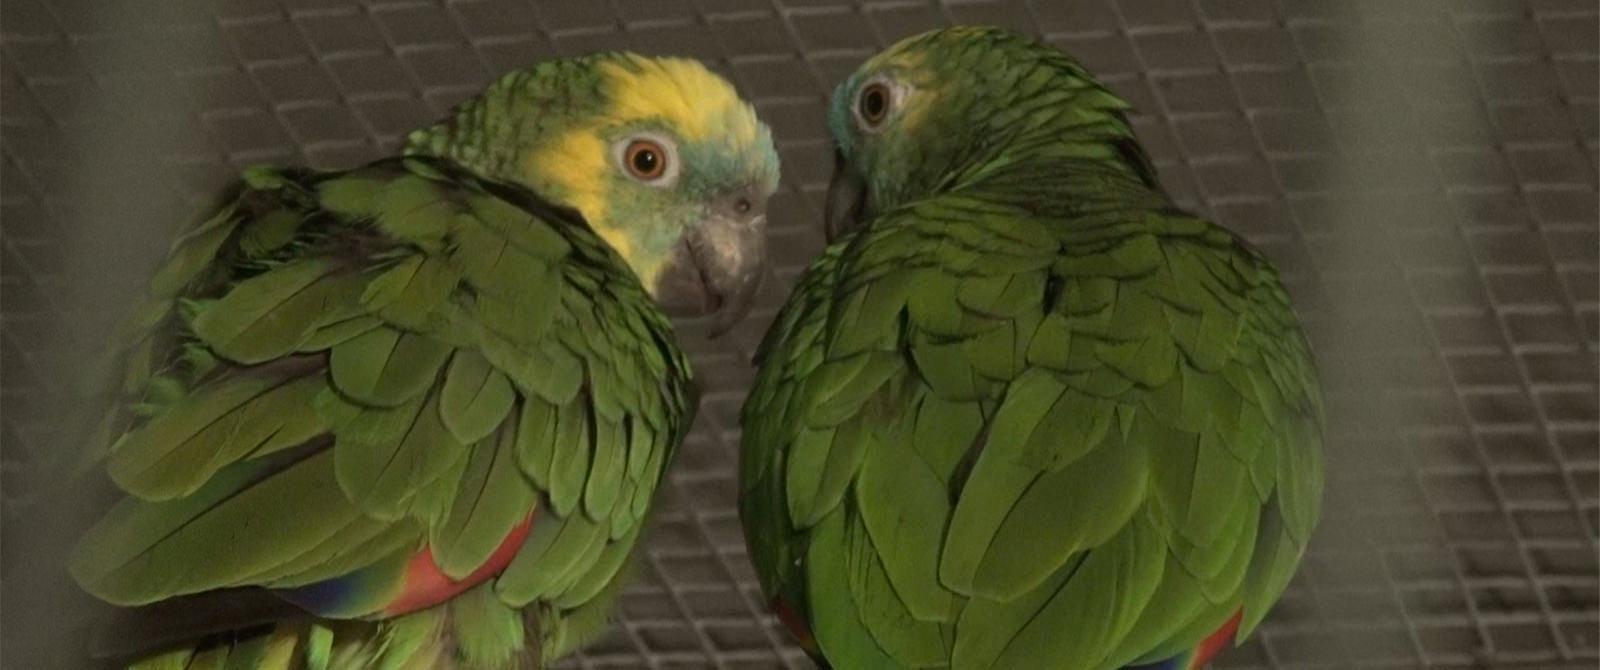 Papūgos - mėlynkaktės amazonės